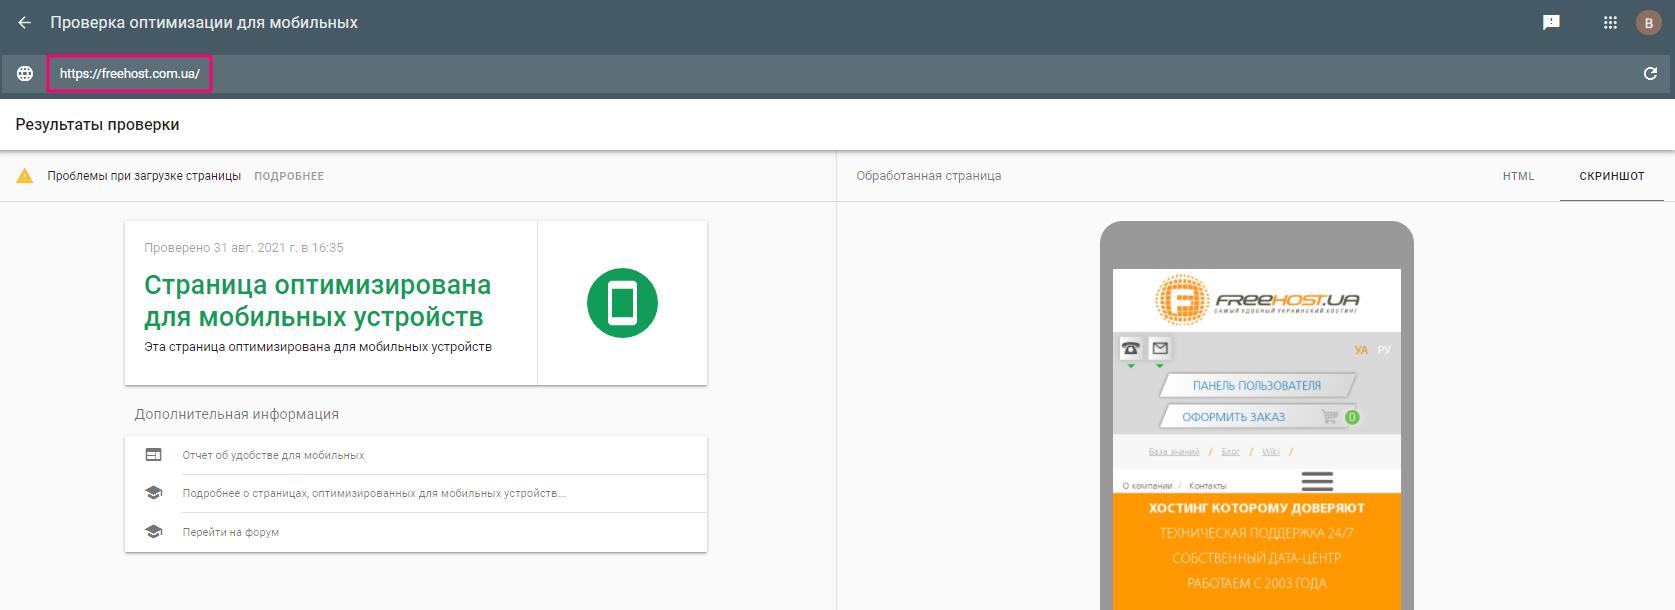 Проверка на мобилопригодность с помощью Mobile-Friendly